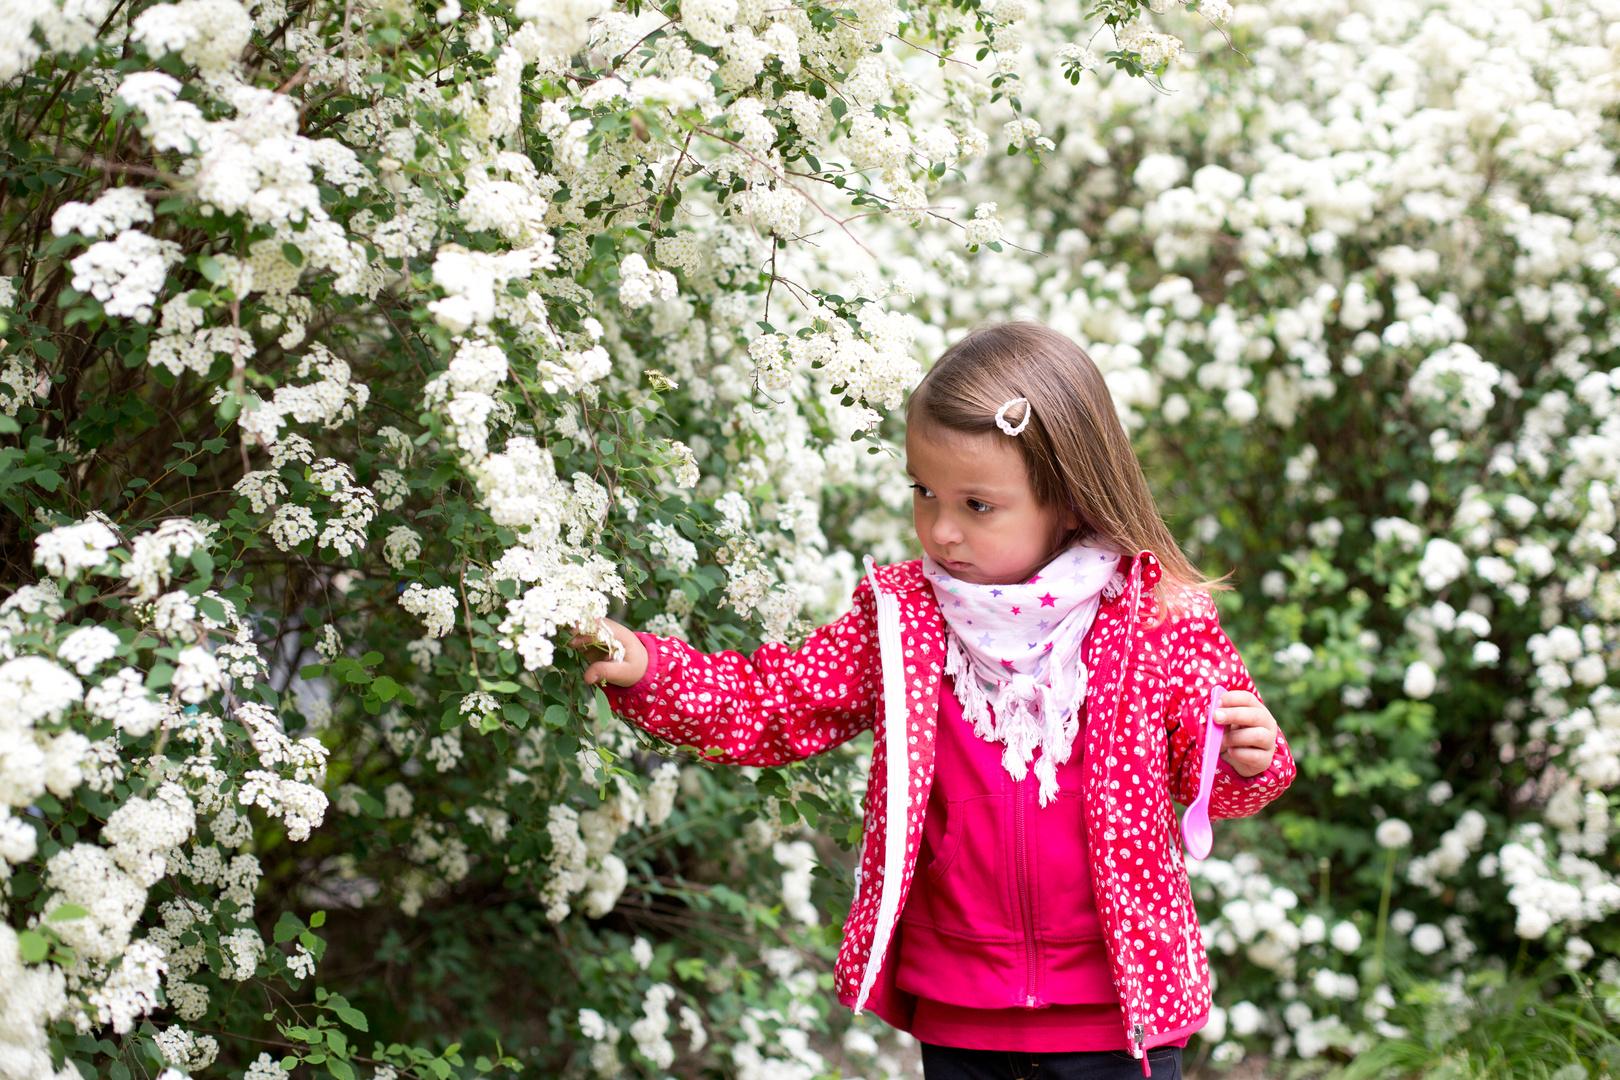 Karina mit weisen Blüten 1